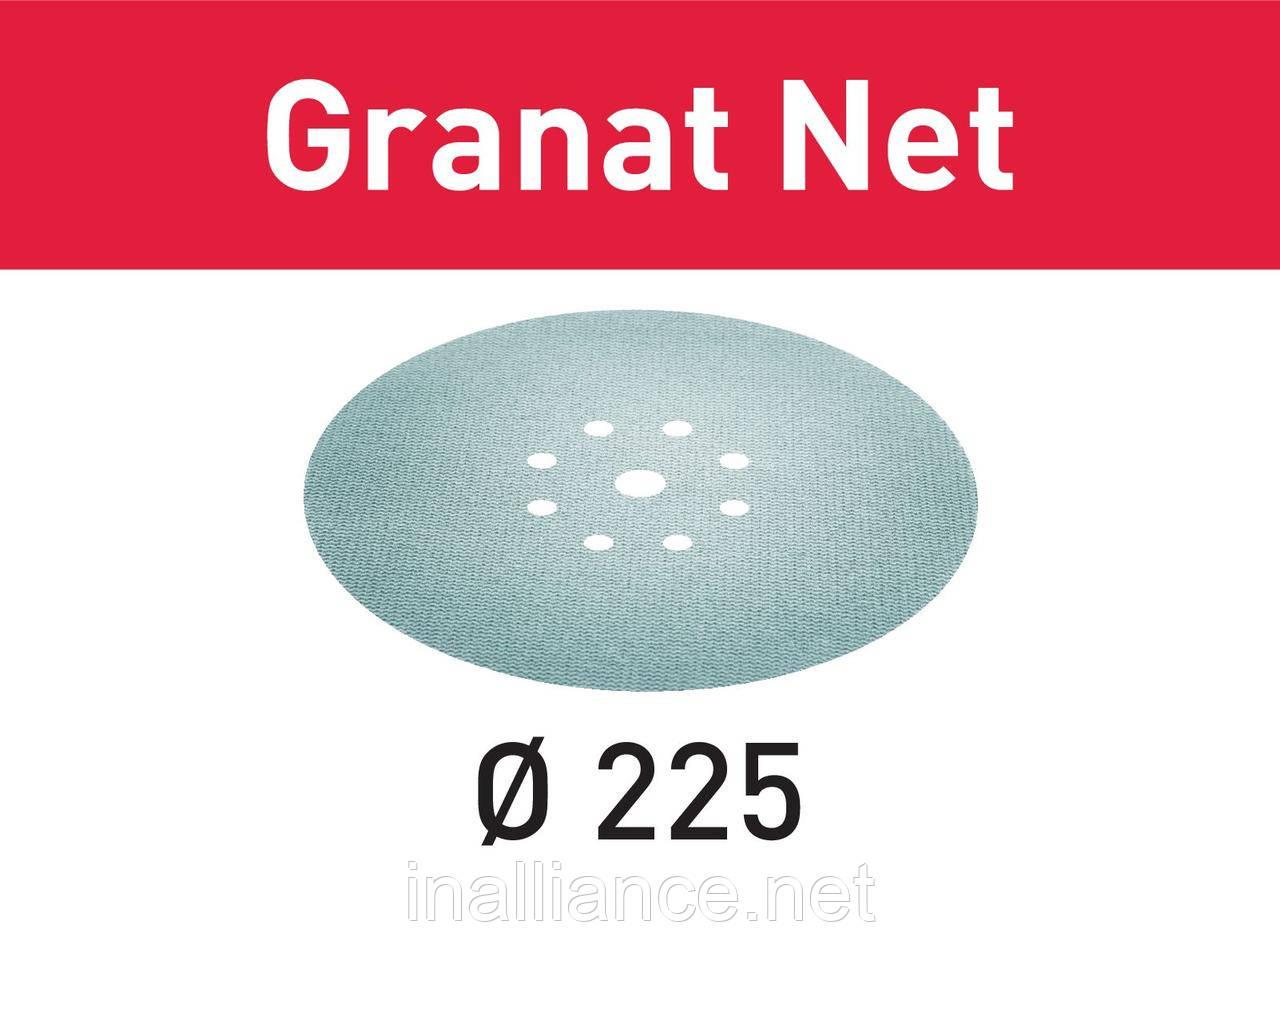 Шлифовальный материал на сетчатой основе STF D225 P240 GR NET/1 Festool 203318/1